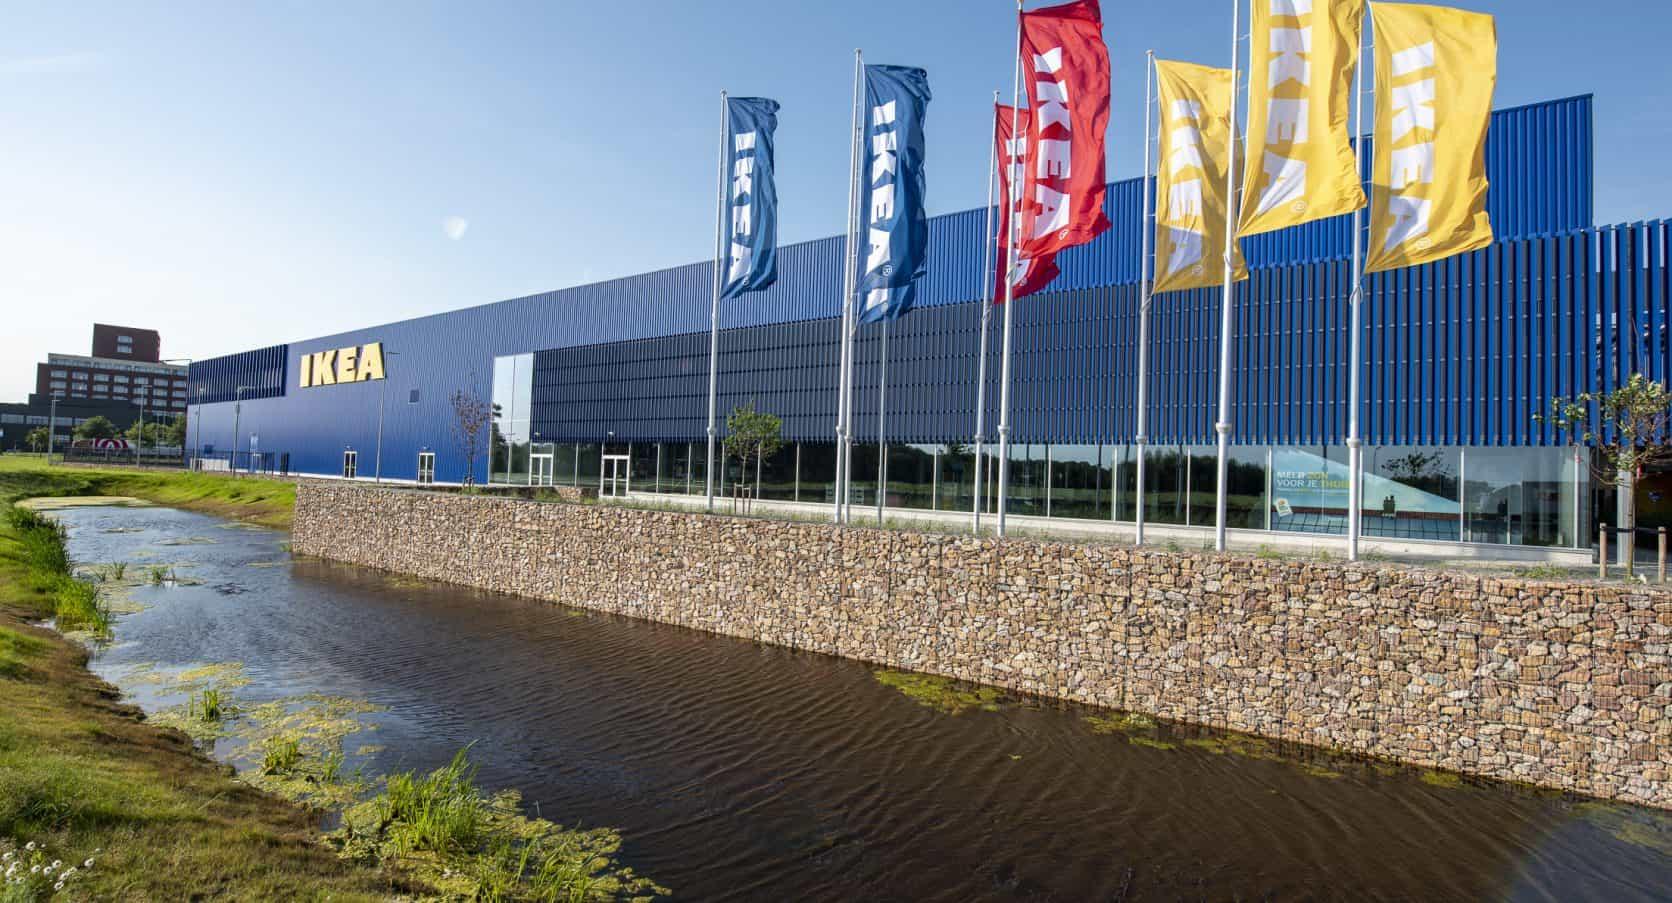 Overview IKEA Zwolle MD Lamel facade